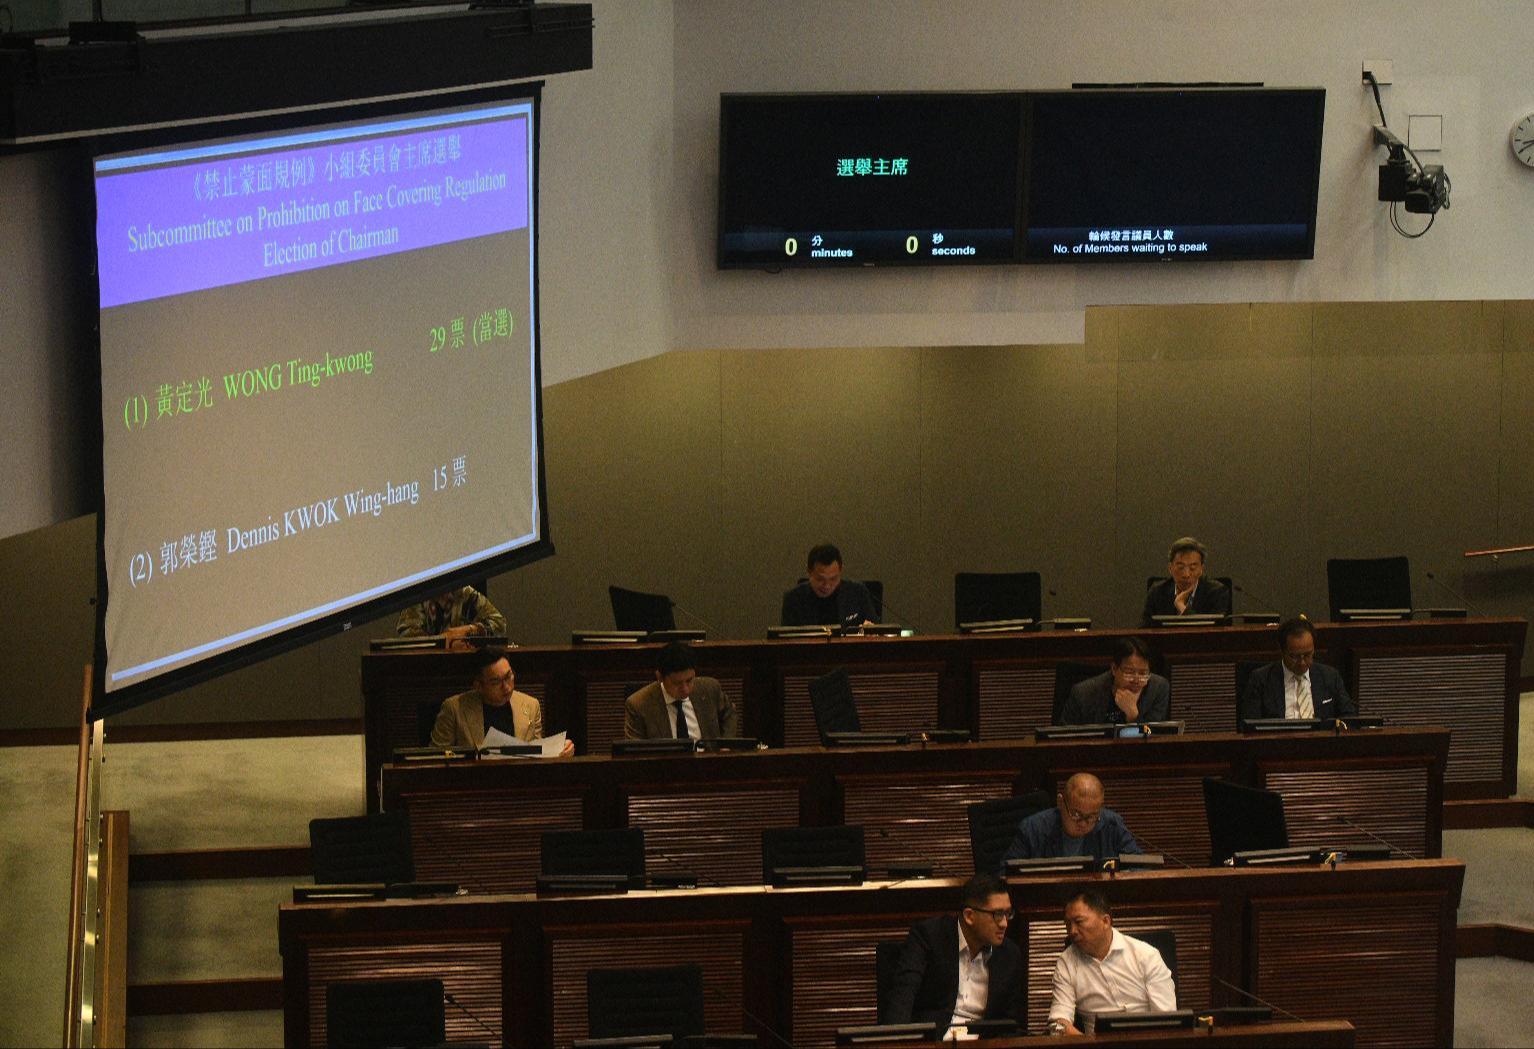 立法會審議反蒙面法的小組委員會今早召開首次會議。